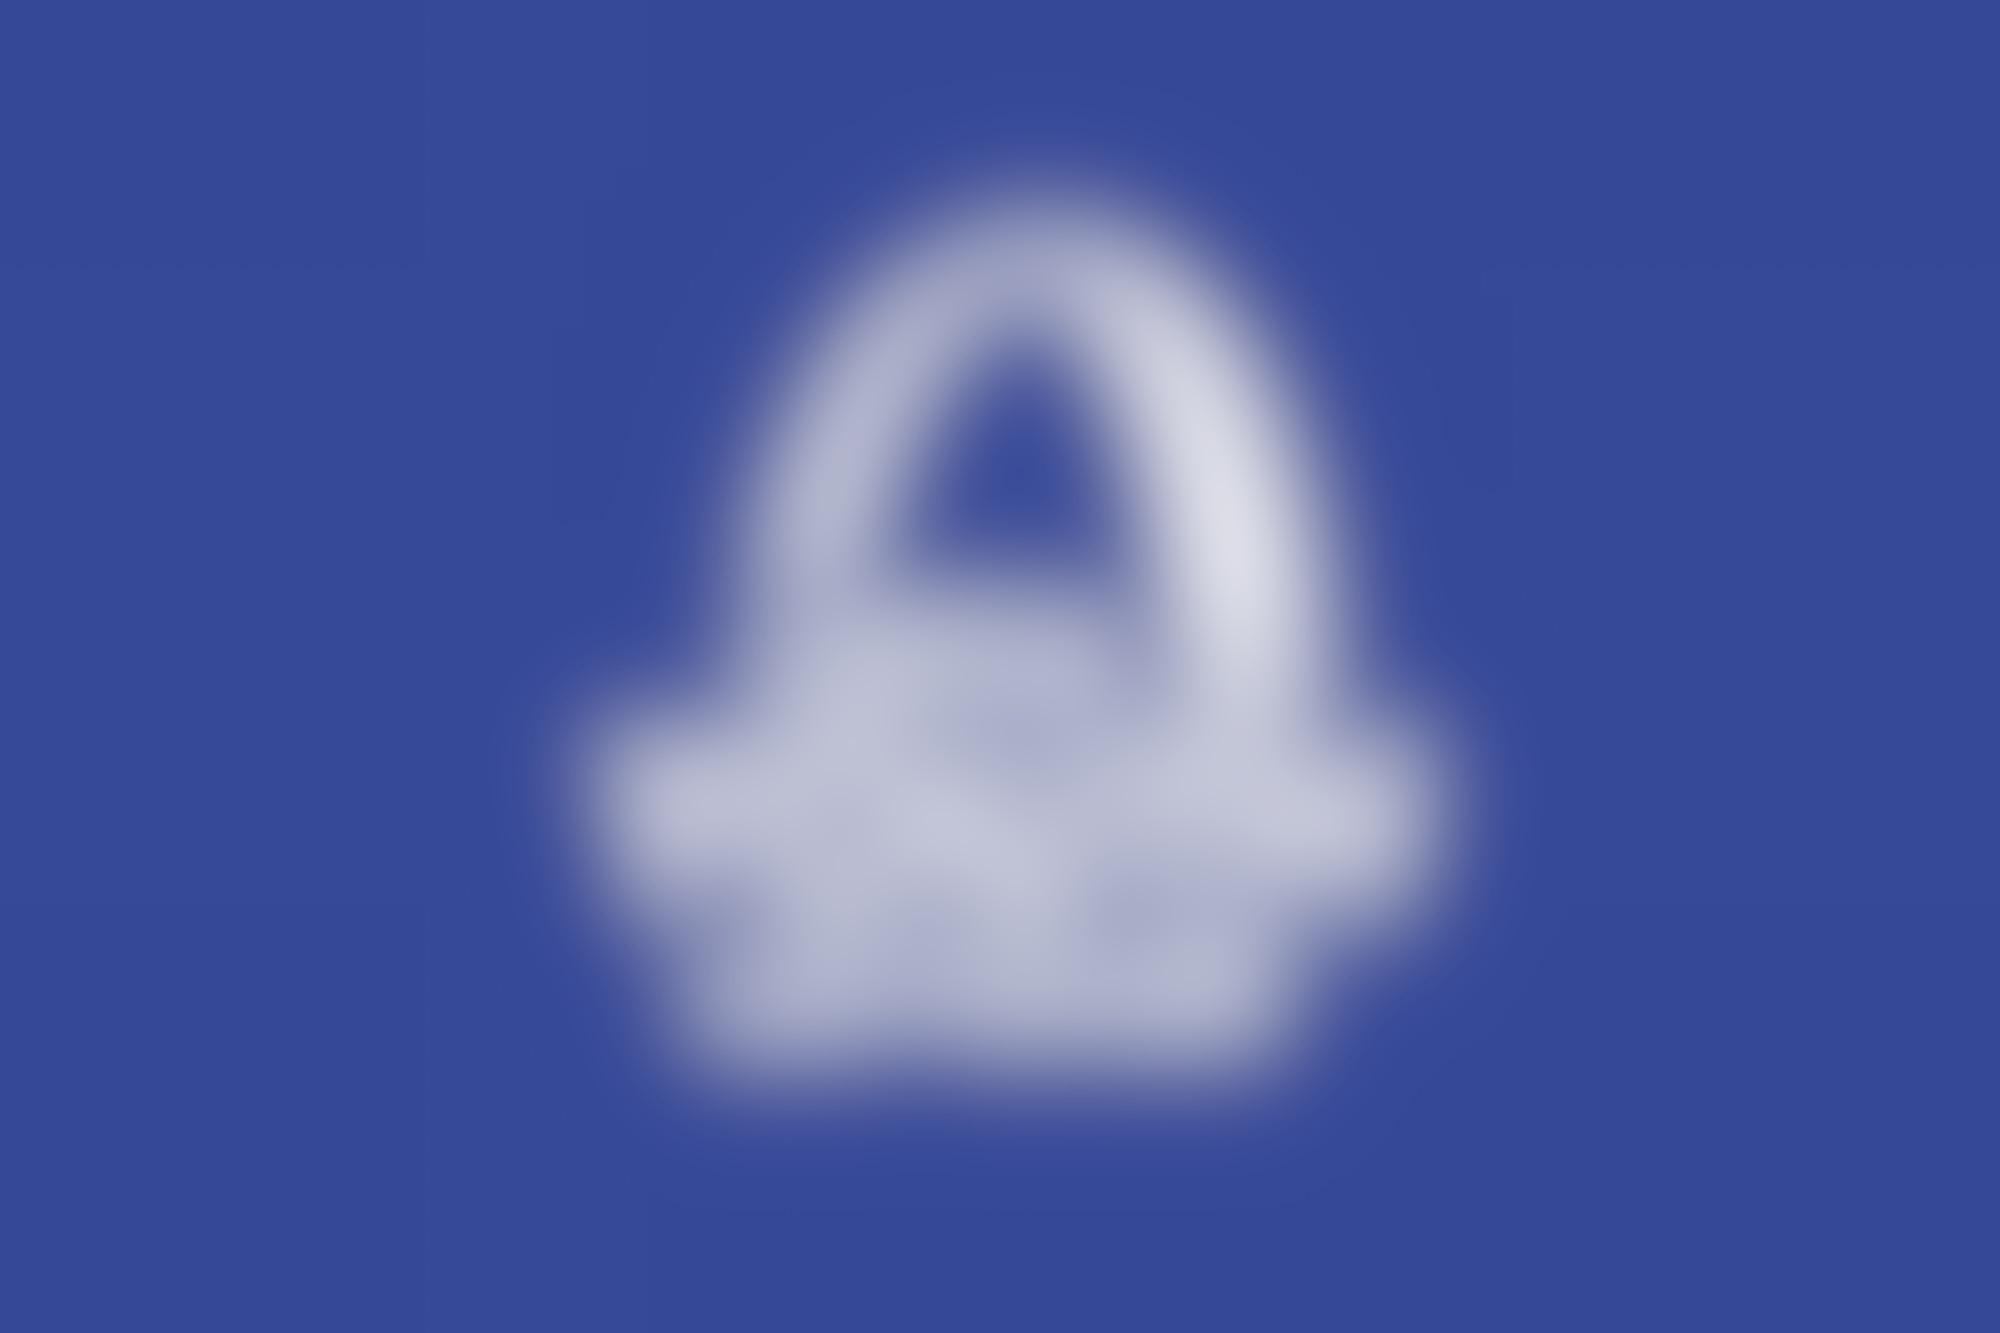 Li P images6 autocompressfitresizeixlibphp 1 1 0max h2000max w3 D2000q80sd914f8168664aed602a51f5354f474fd